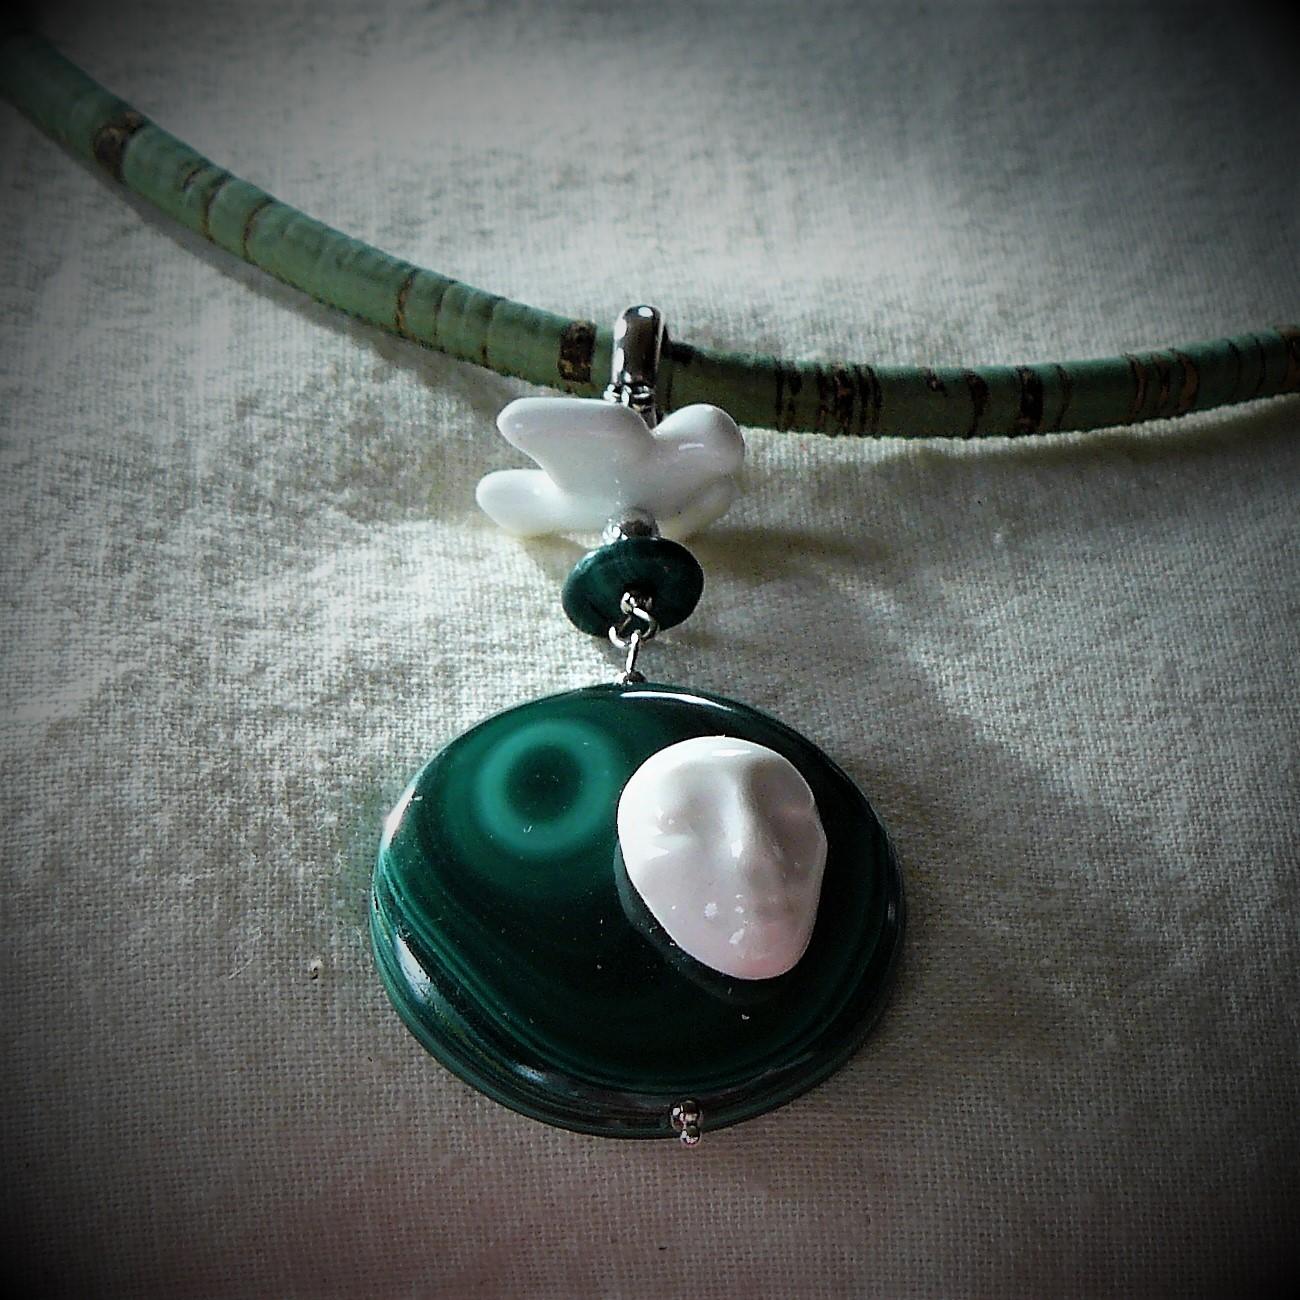 614f046c0 Originální sada náhrdelníku a náušnic. Kovové komponenty jsou z obecního  kovu v stříbrné barvě. Místo řetízku je použit lehký zelený kulatý řemínek  o ...